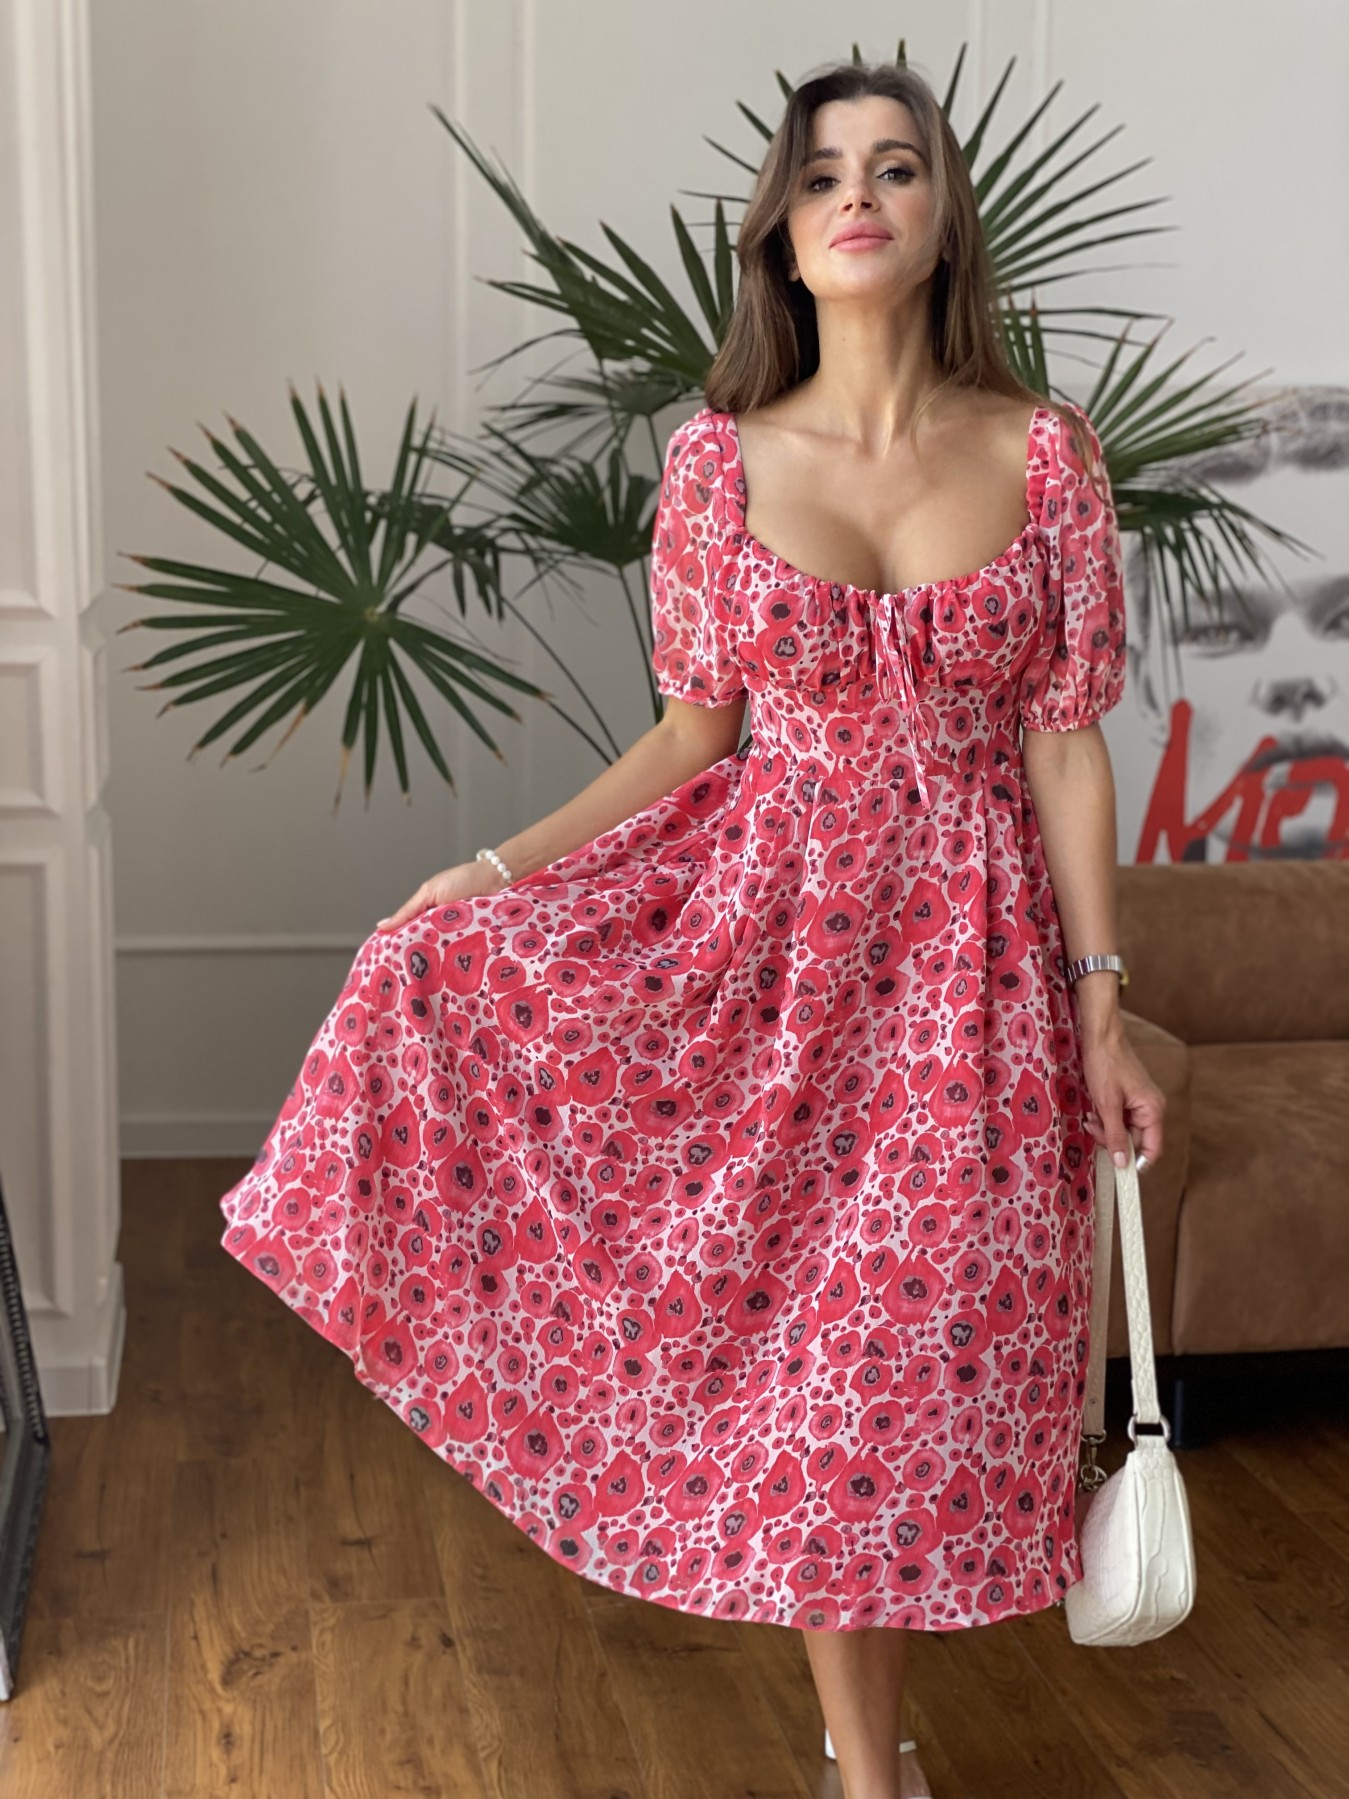 Кисес Миди платье из креп шифона в принт 11575 АРТ. 48268 Цвет: Маки/ Красный - фото 7, интернет магазин tm-modus.ru